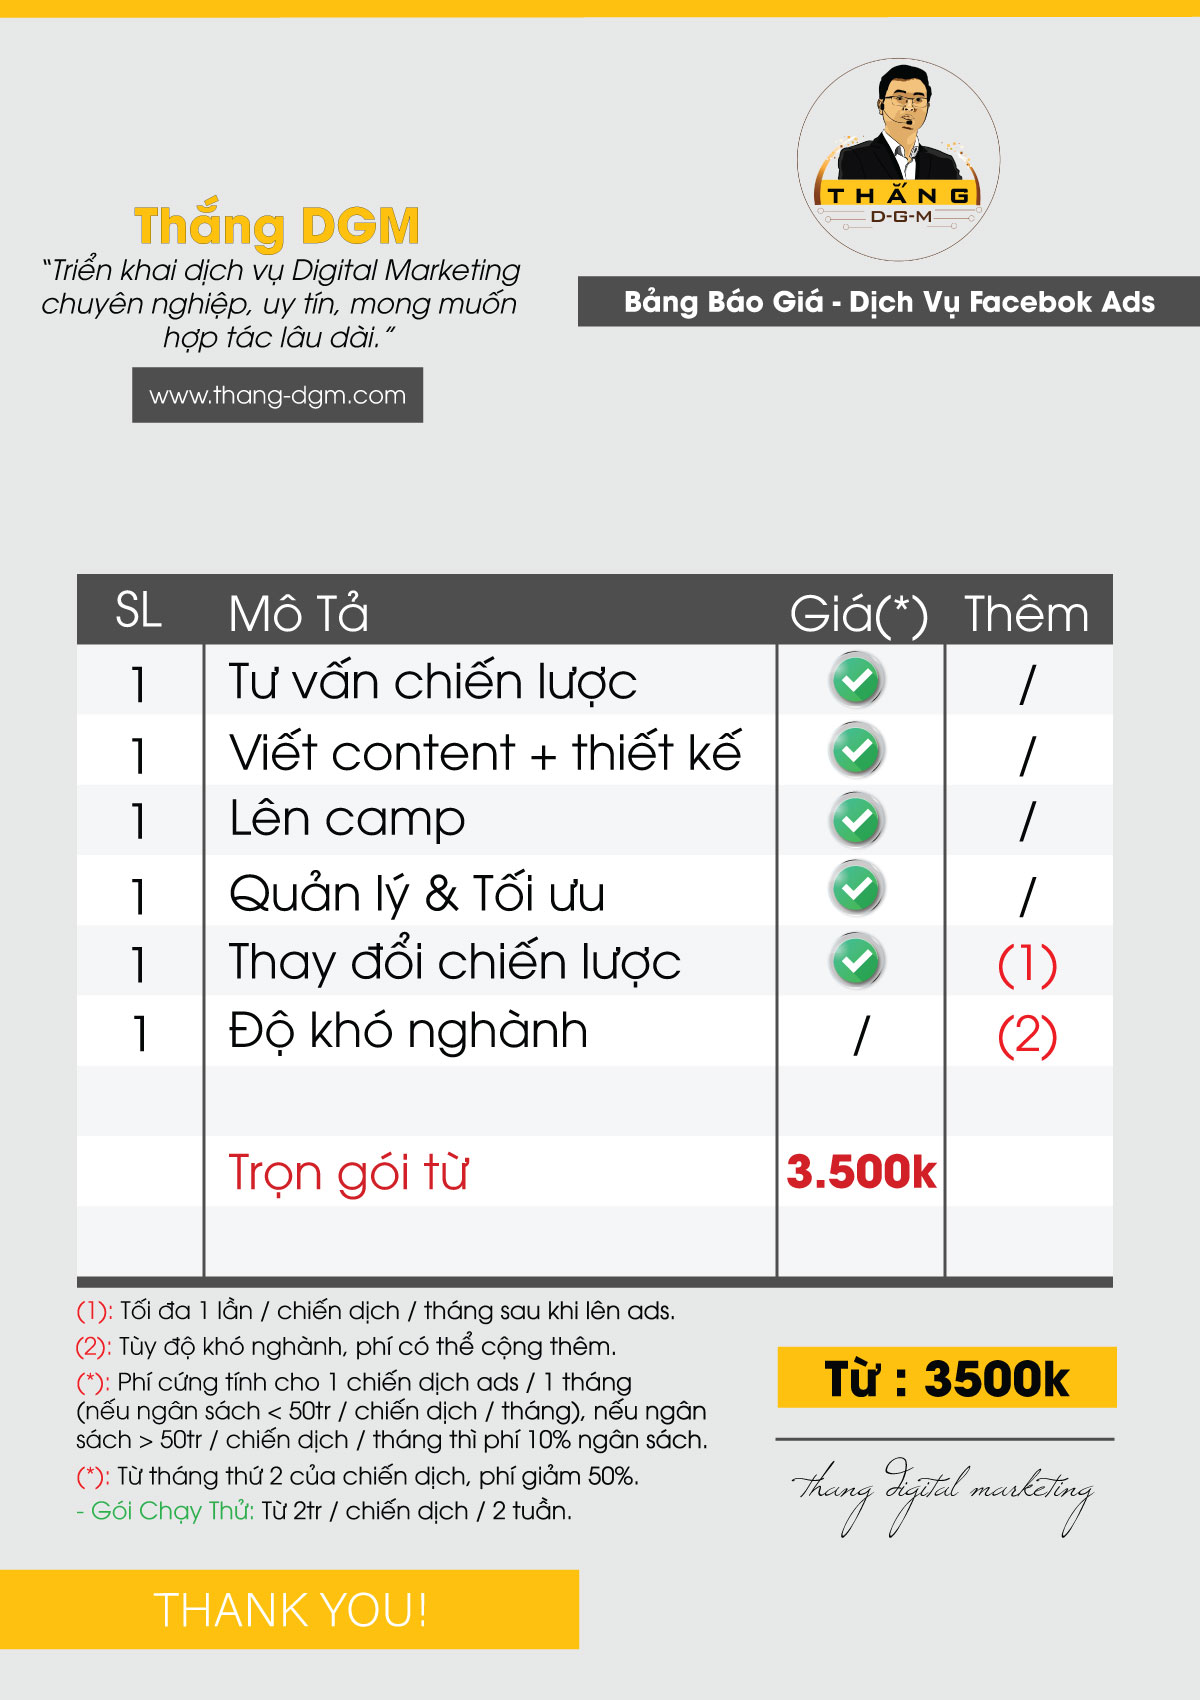 bảng giá dịch vụ quảng cáo facebook ads trọn gói